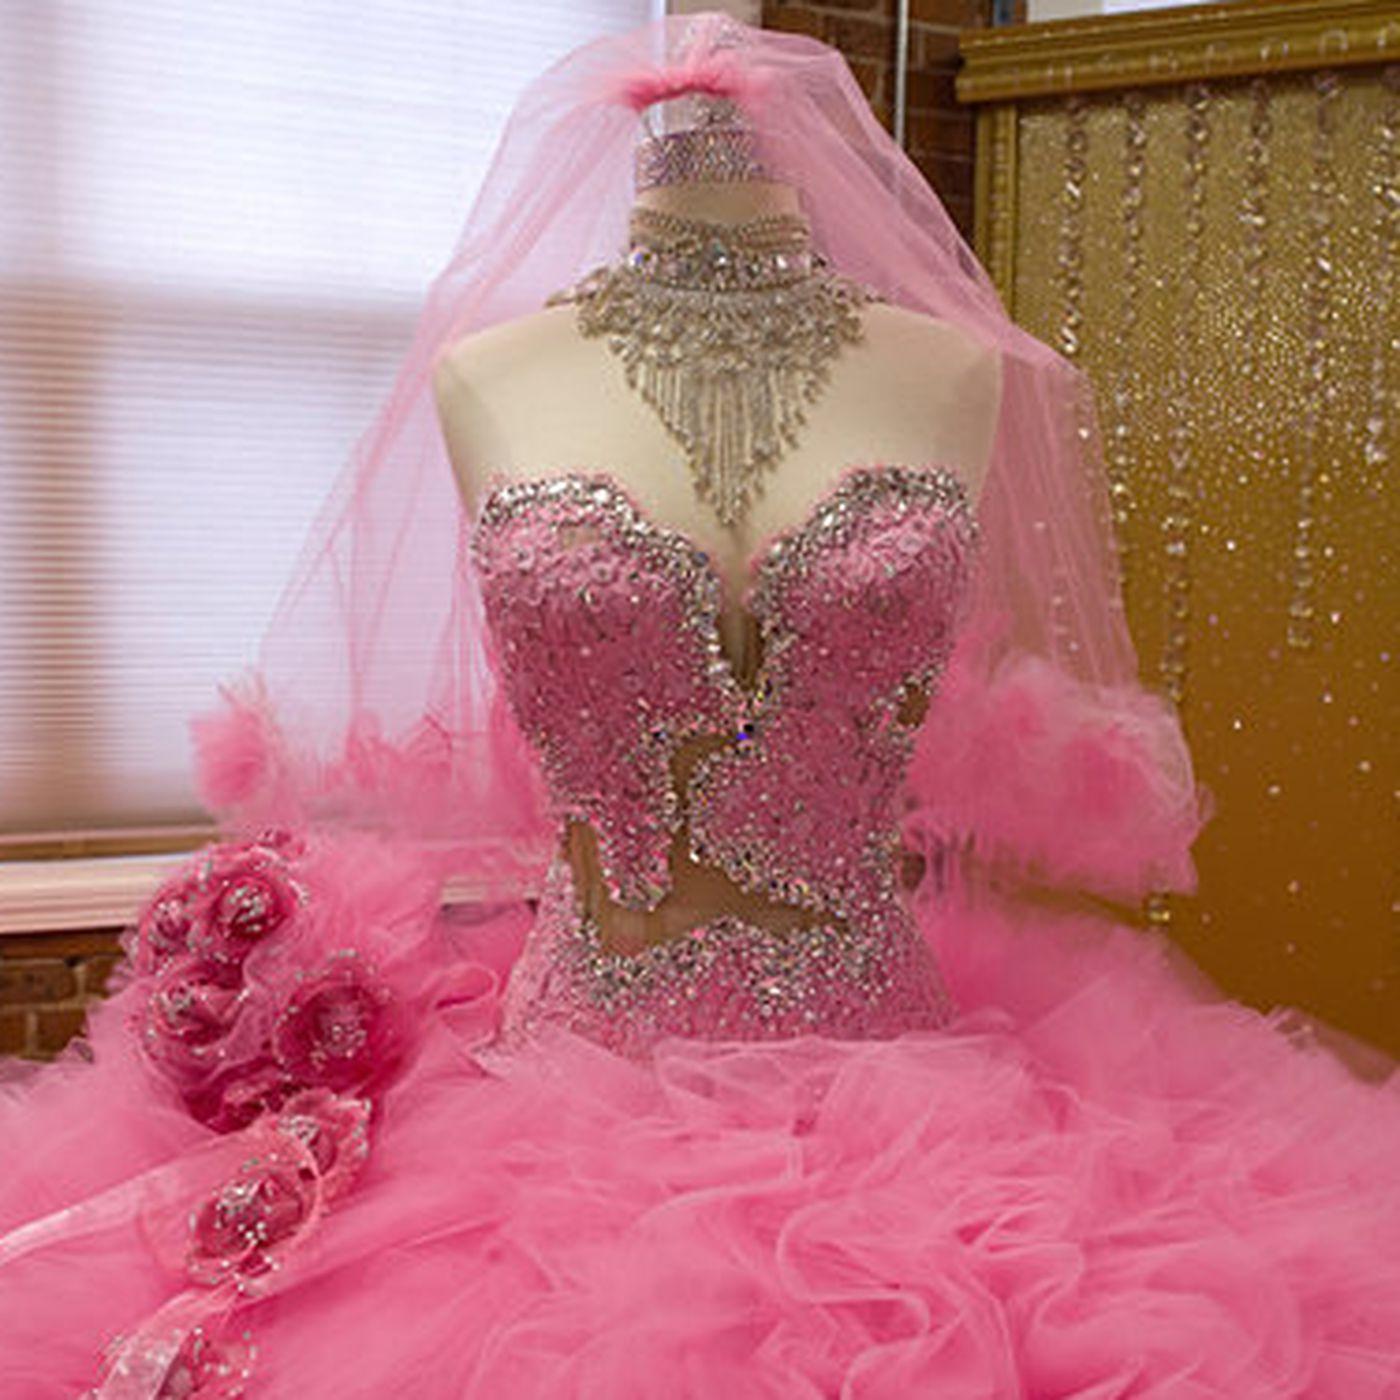 My Big Fat American Gypsy Wedding S Sondra Celli On Rhinestoning